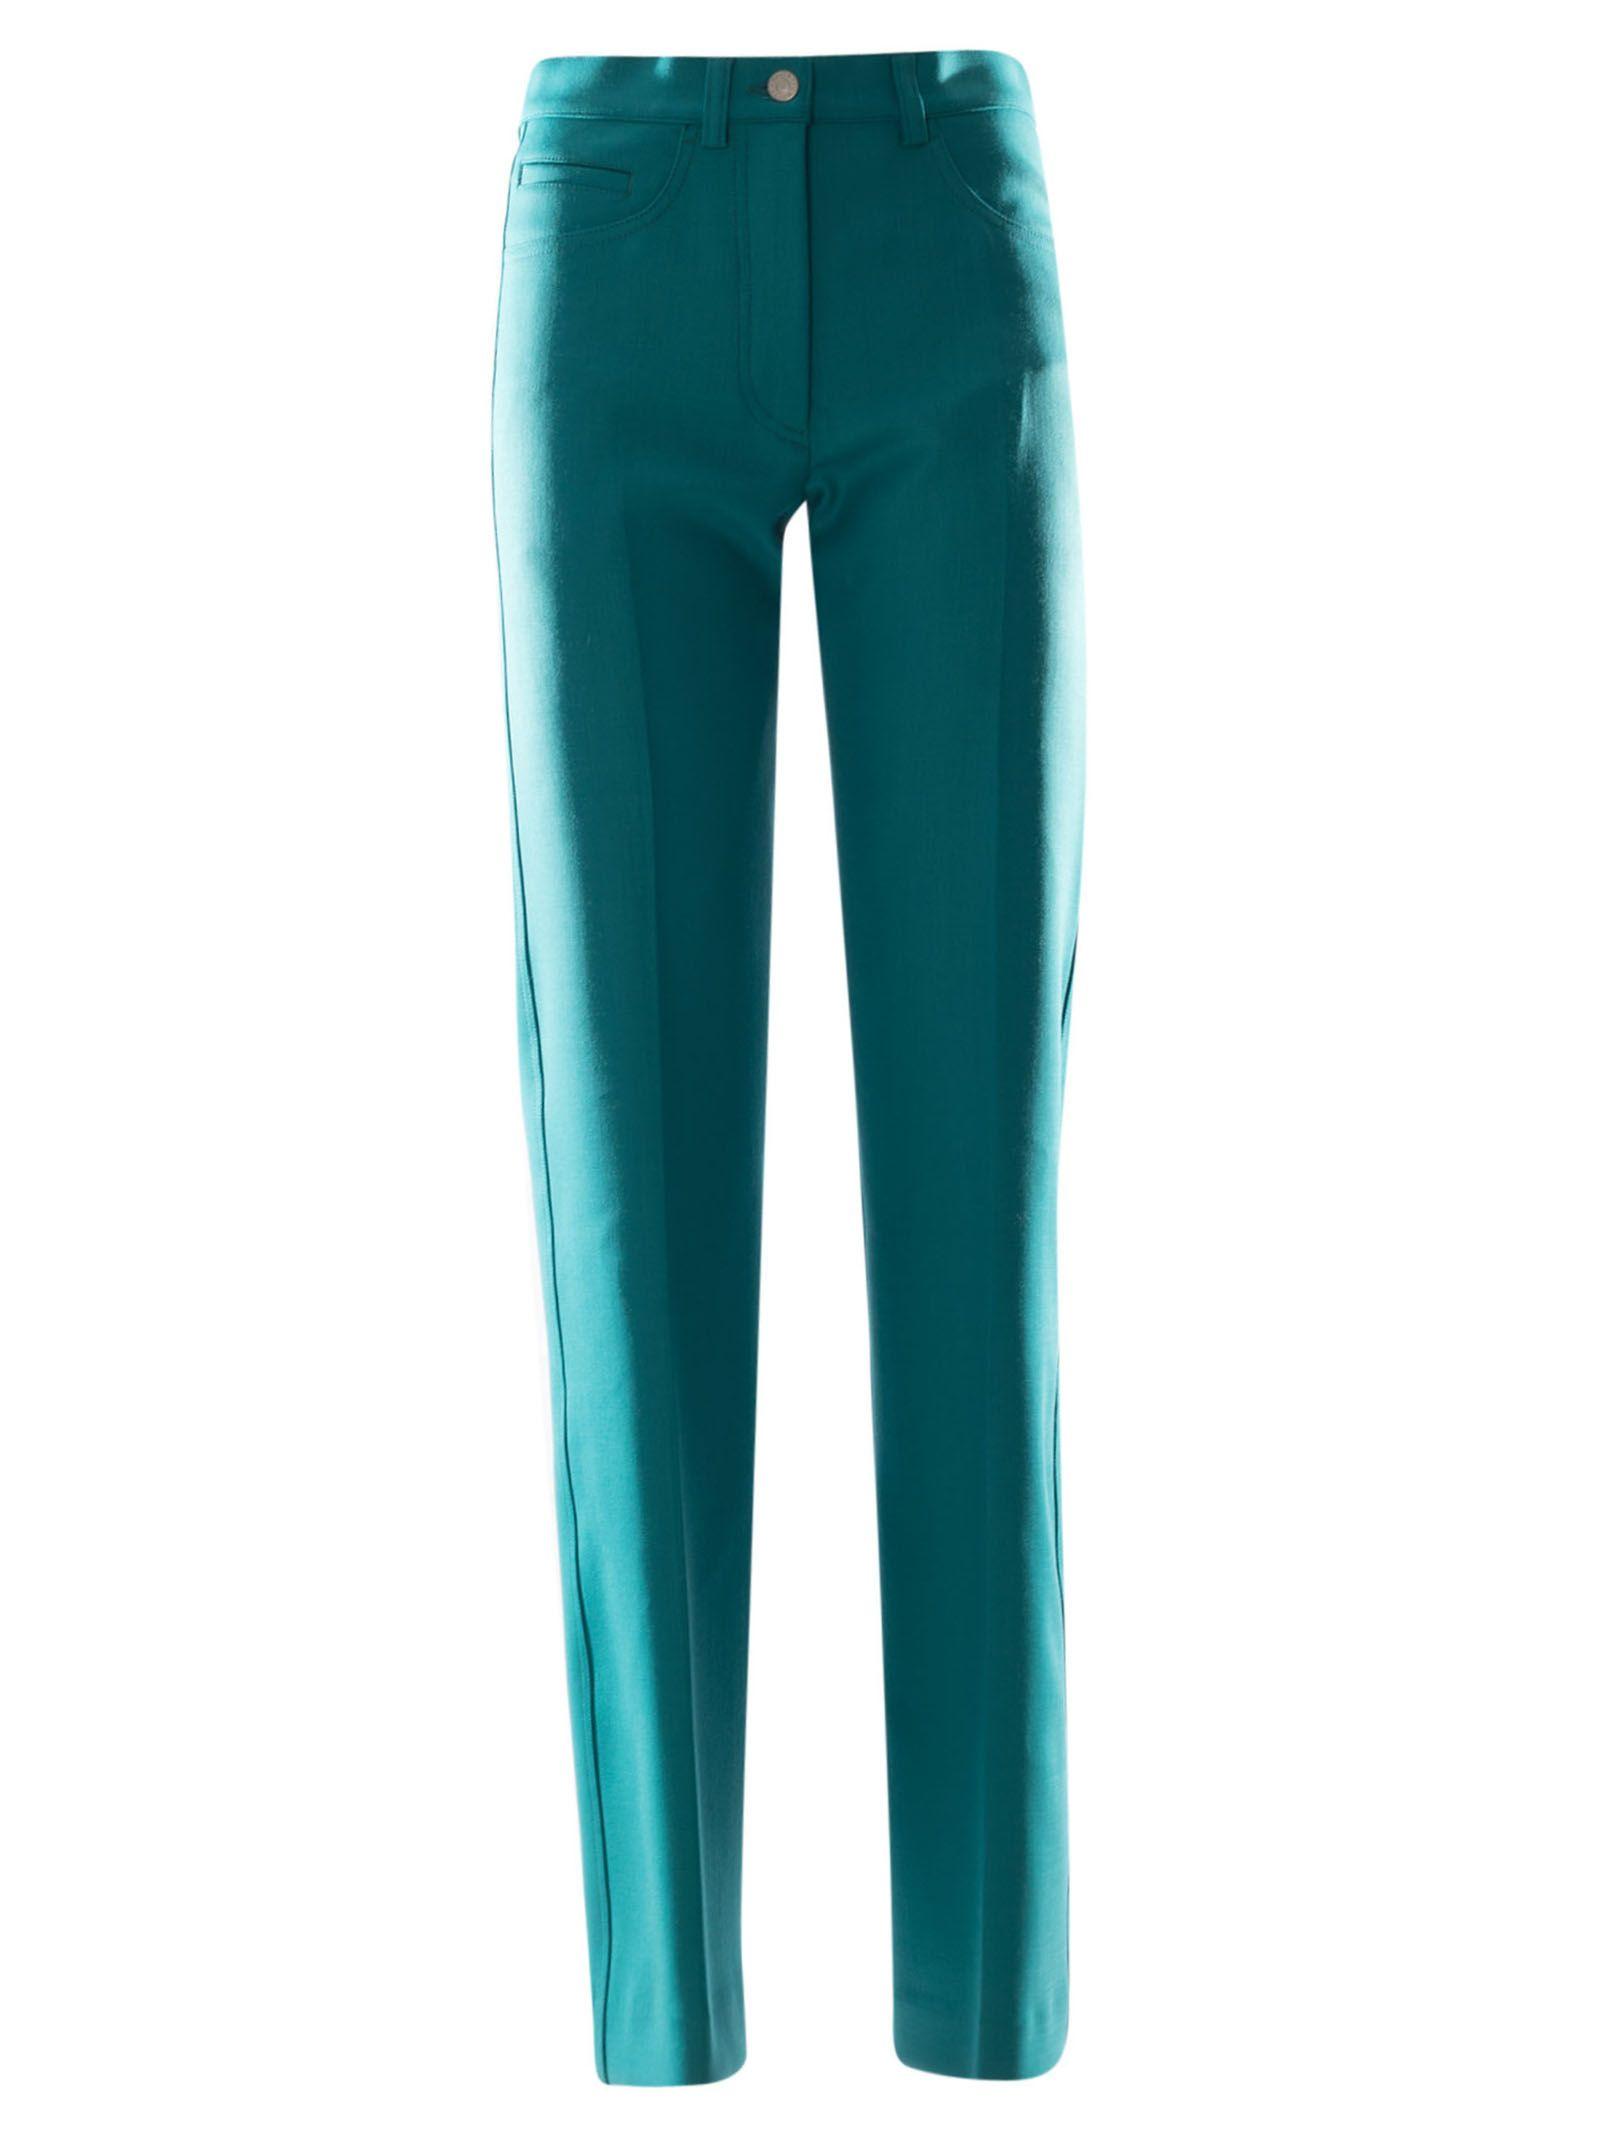 Dries Van Noten Classic Trousers